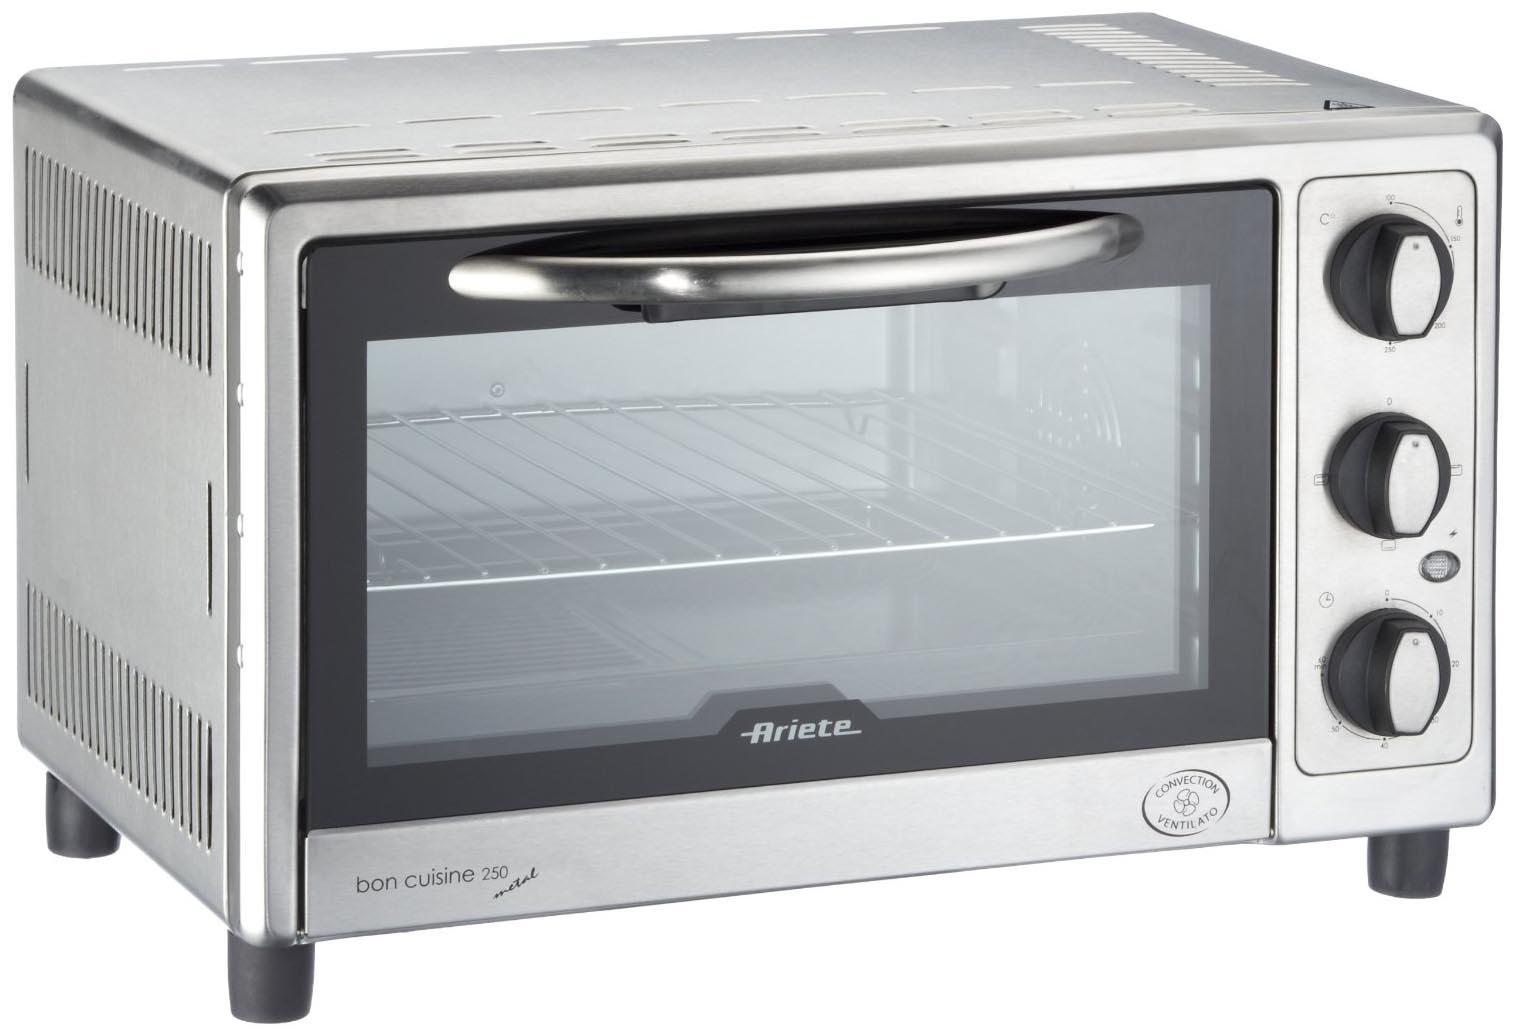 ariete bon cuisine 250 fornetto elettrico